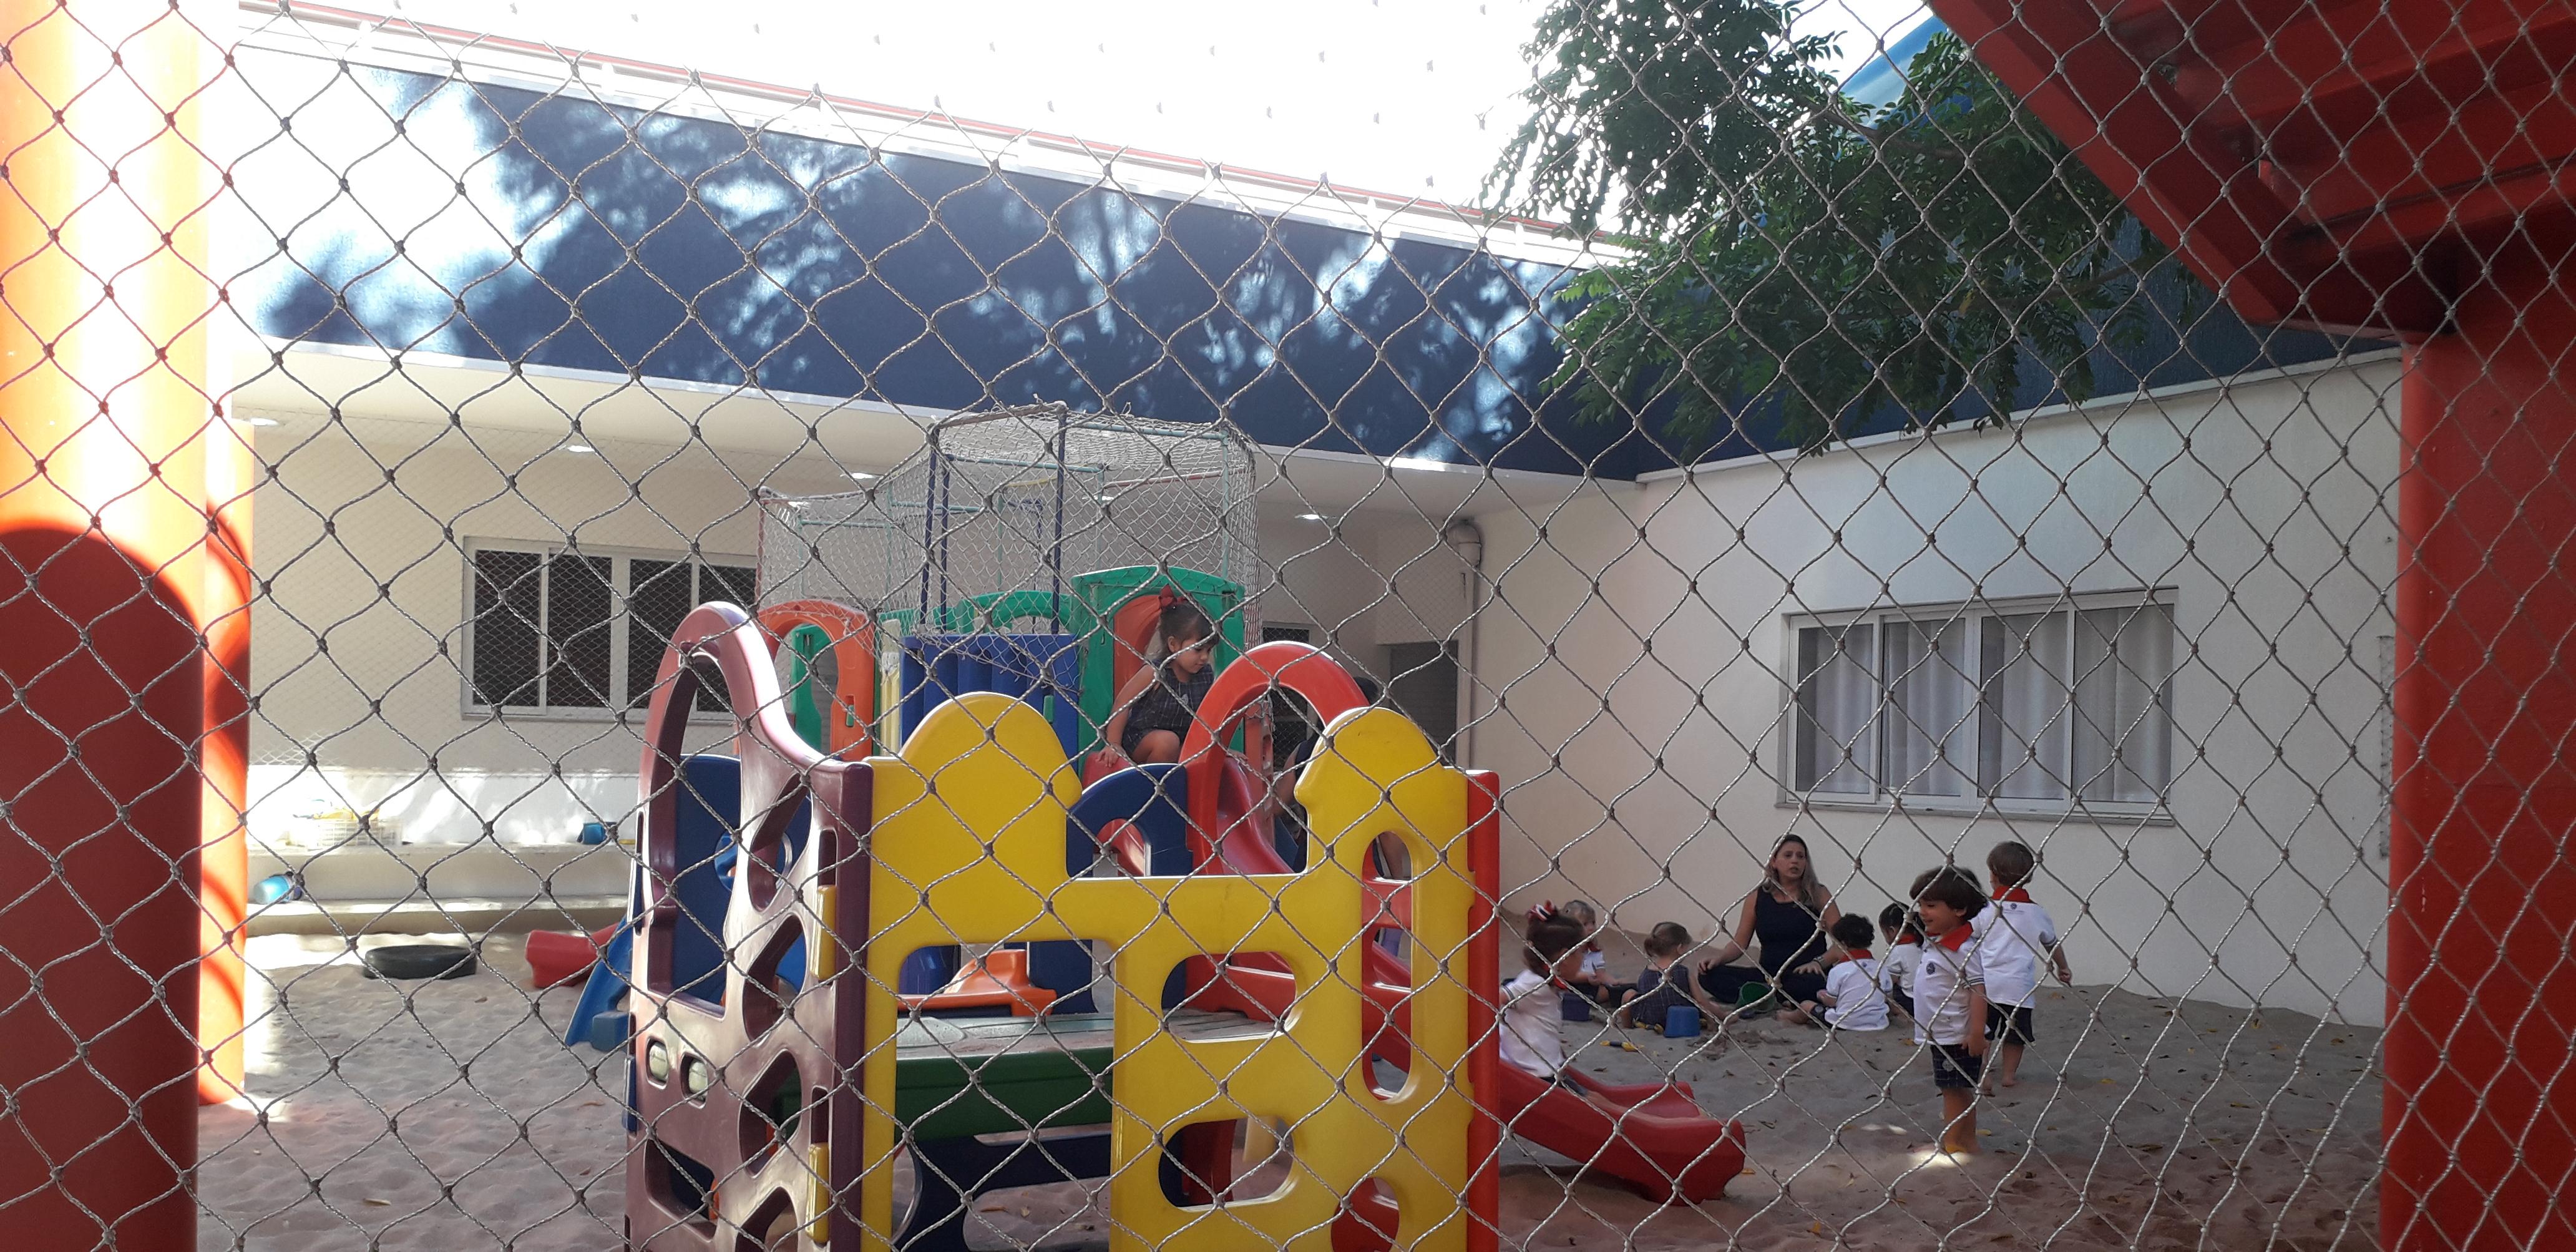 Parque de areia Infantil